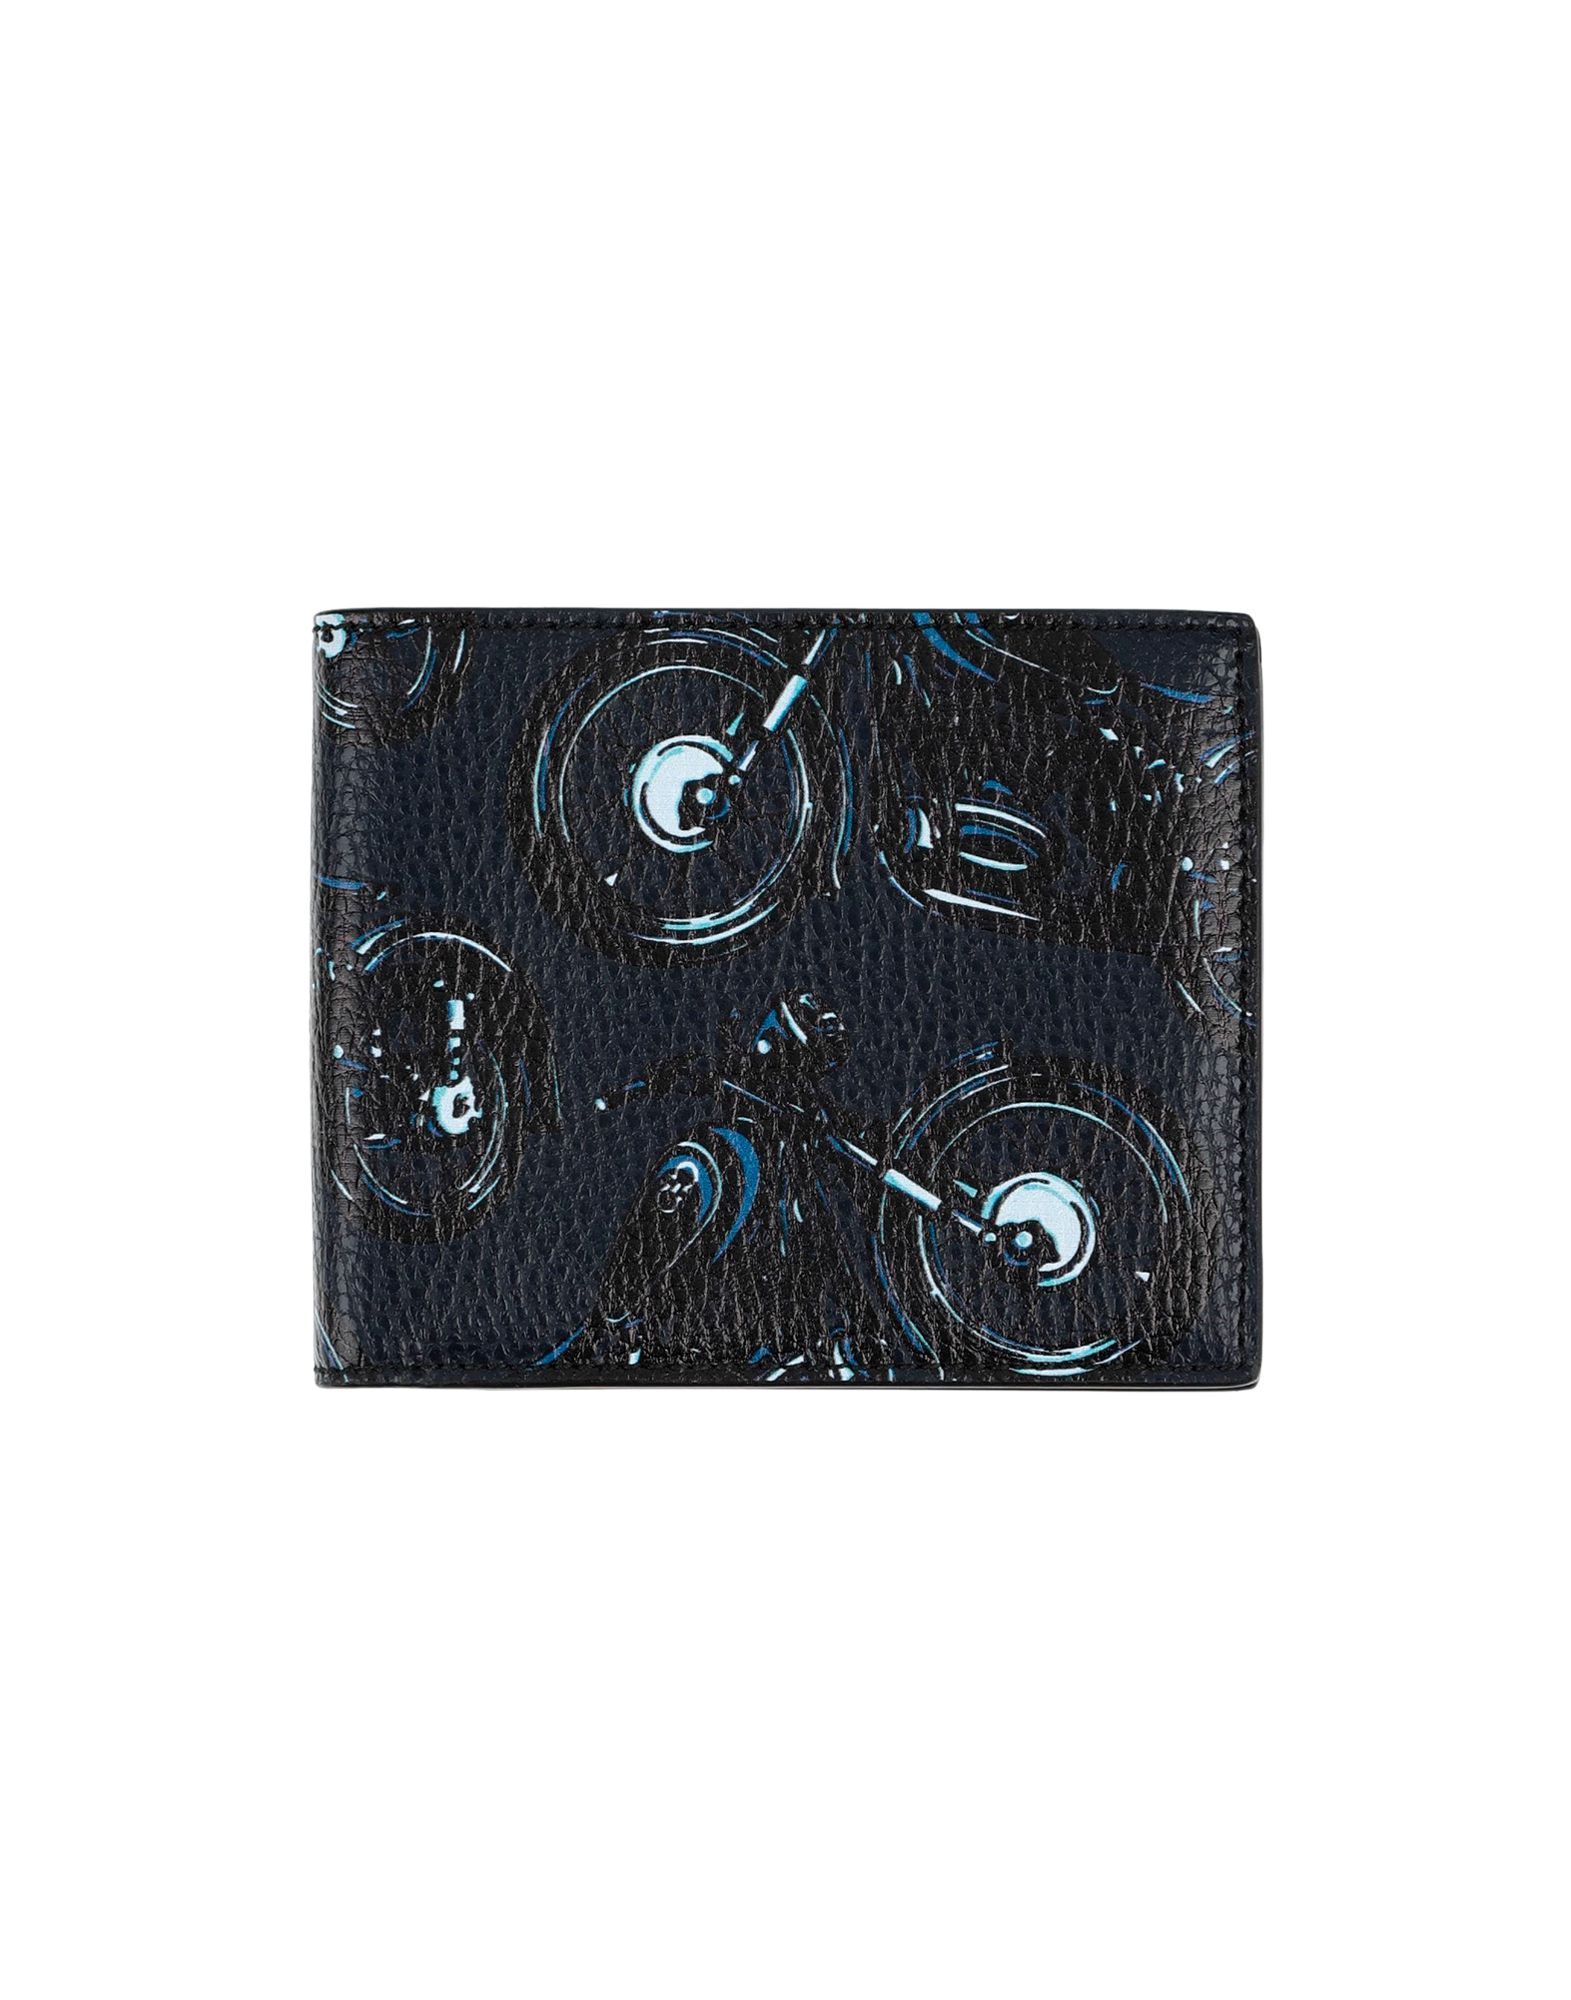 《送料無料》SALVATORE FERRAGAMO メンズ 財布 ダークブルー 革